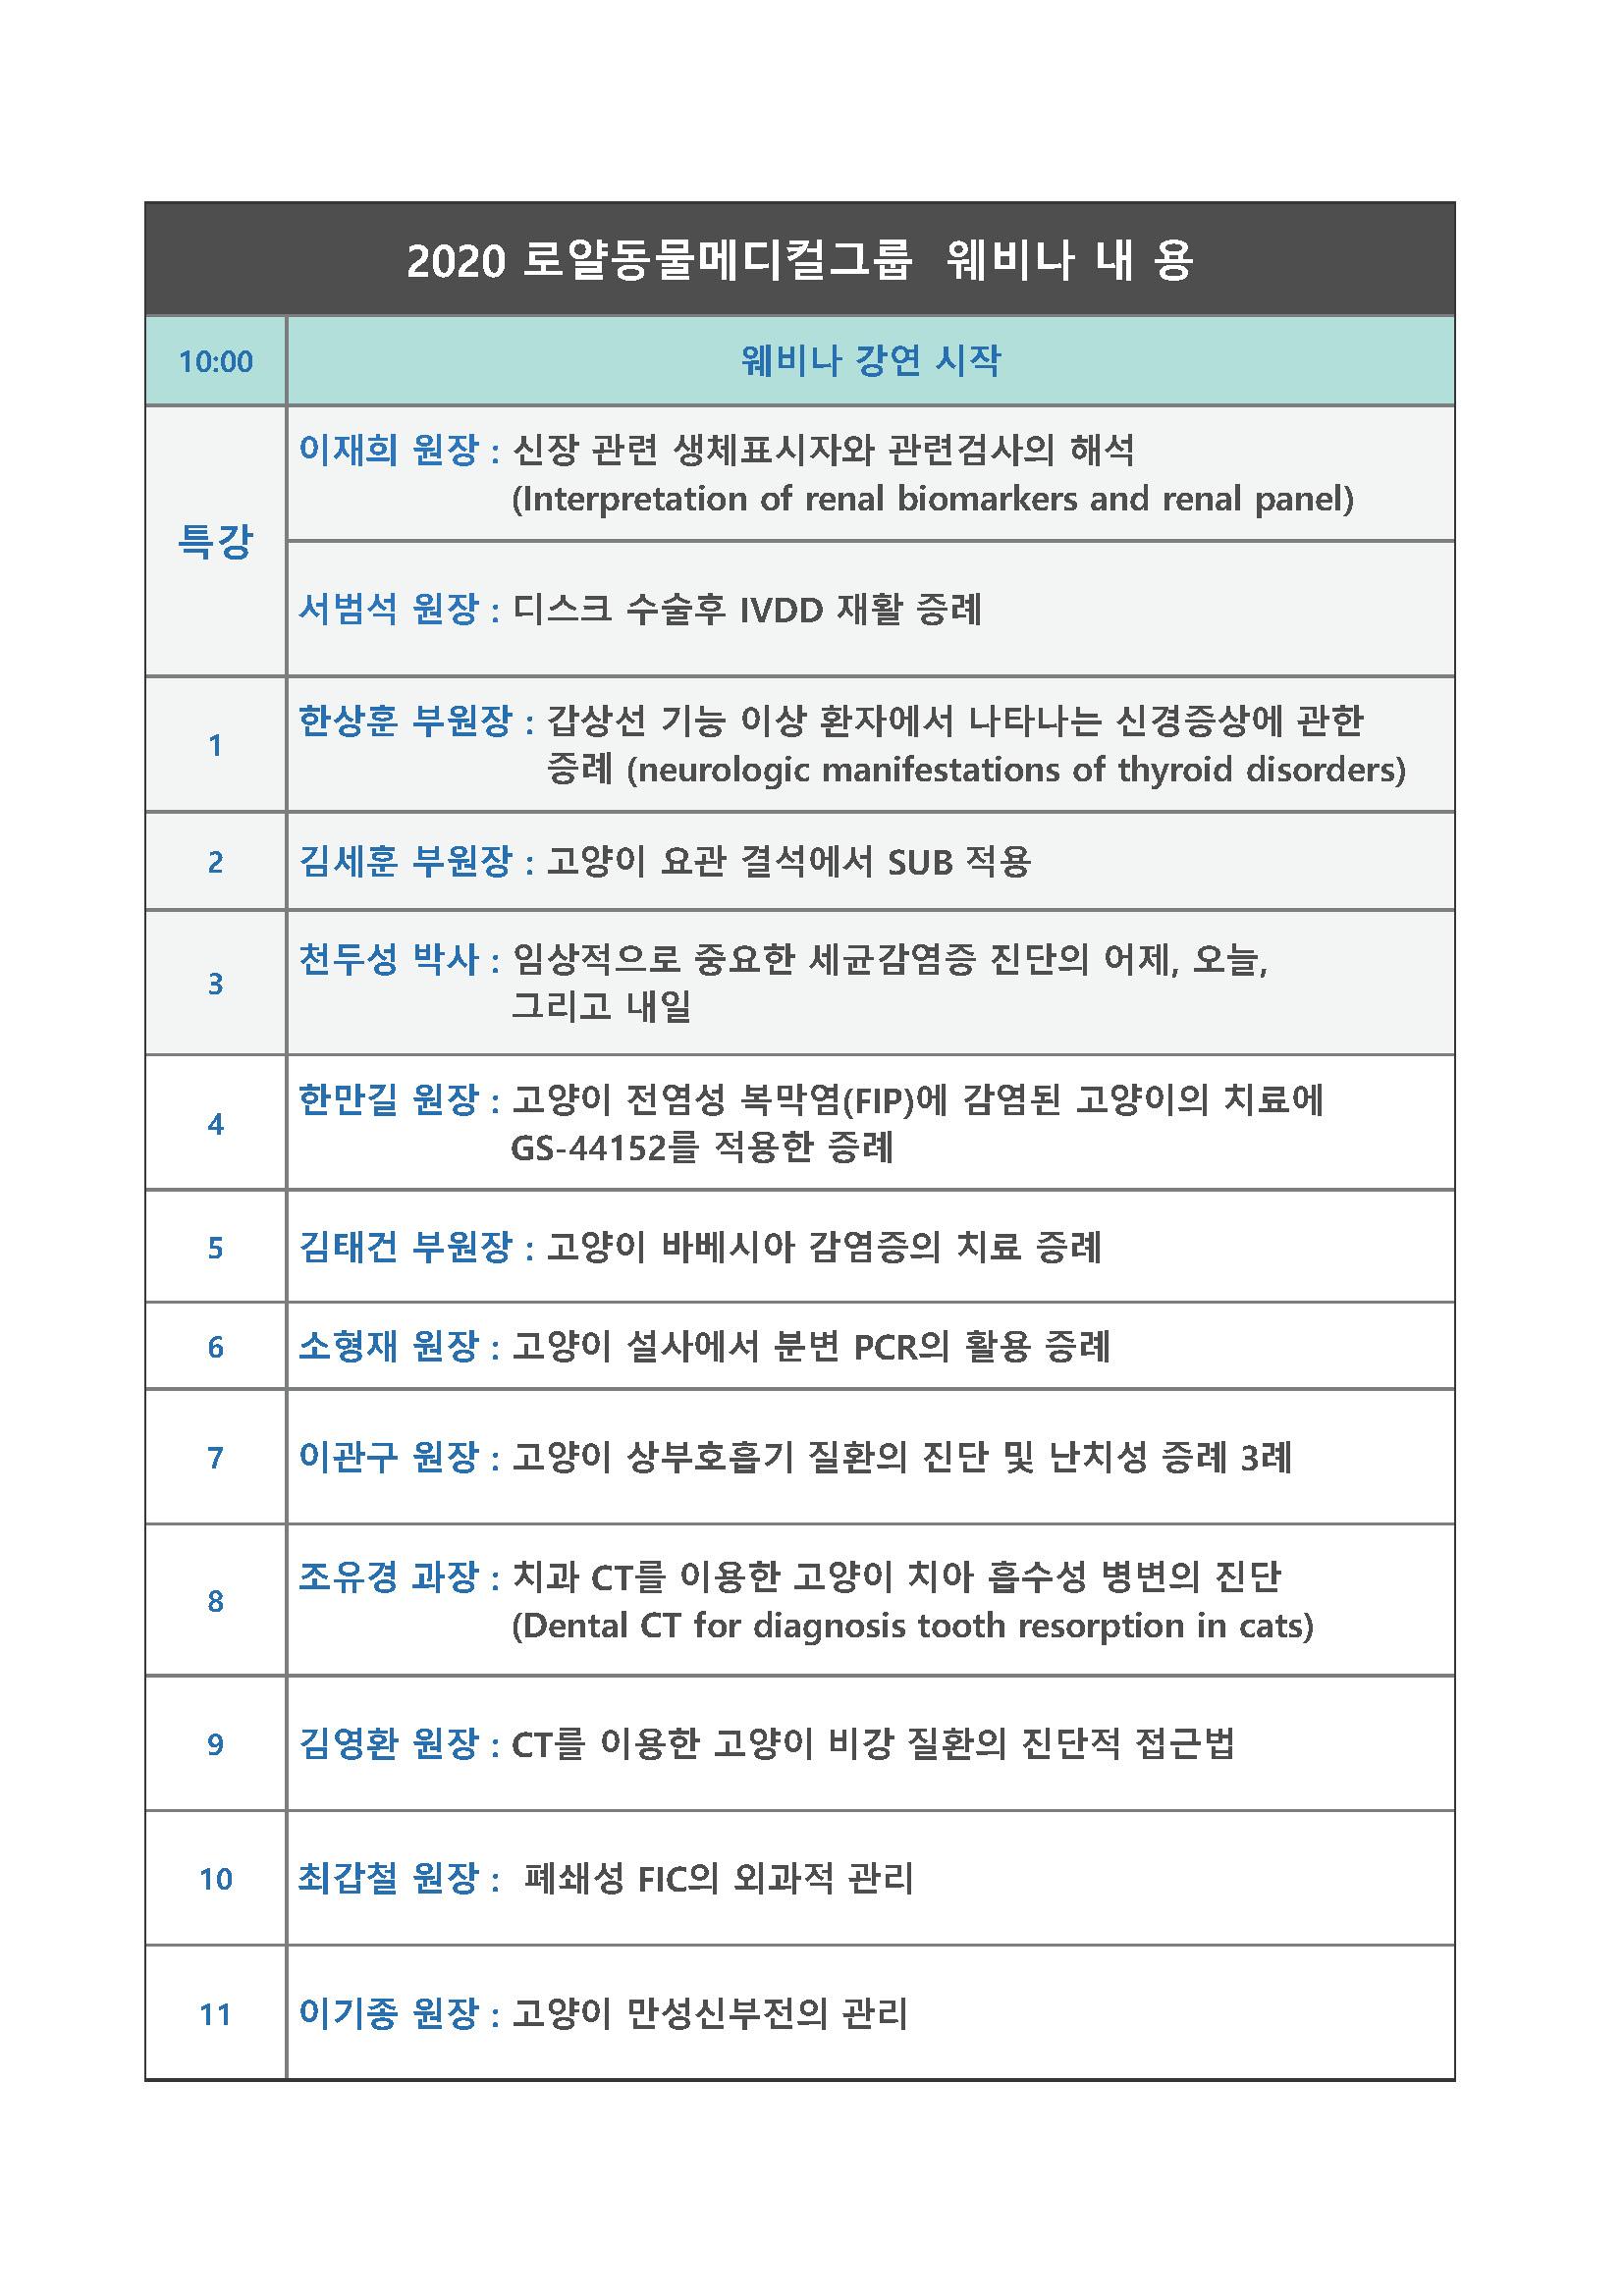 2020_로얄동물메디컬그룹_웨비나 프로시딩 4.jpg